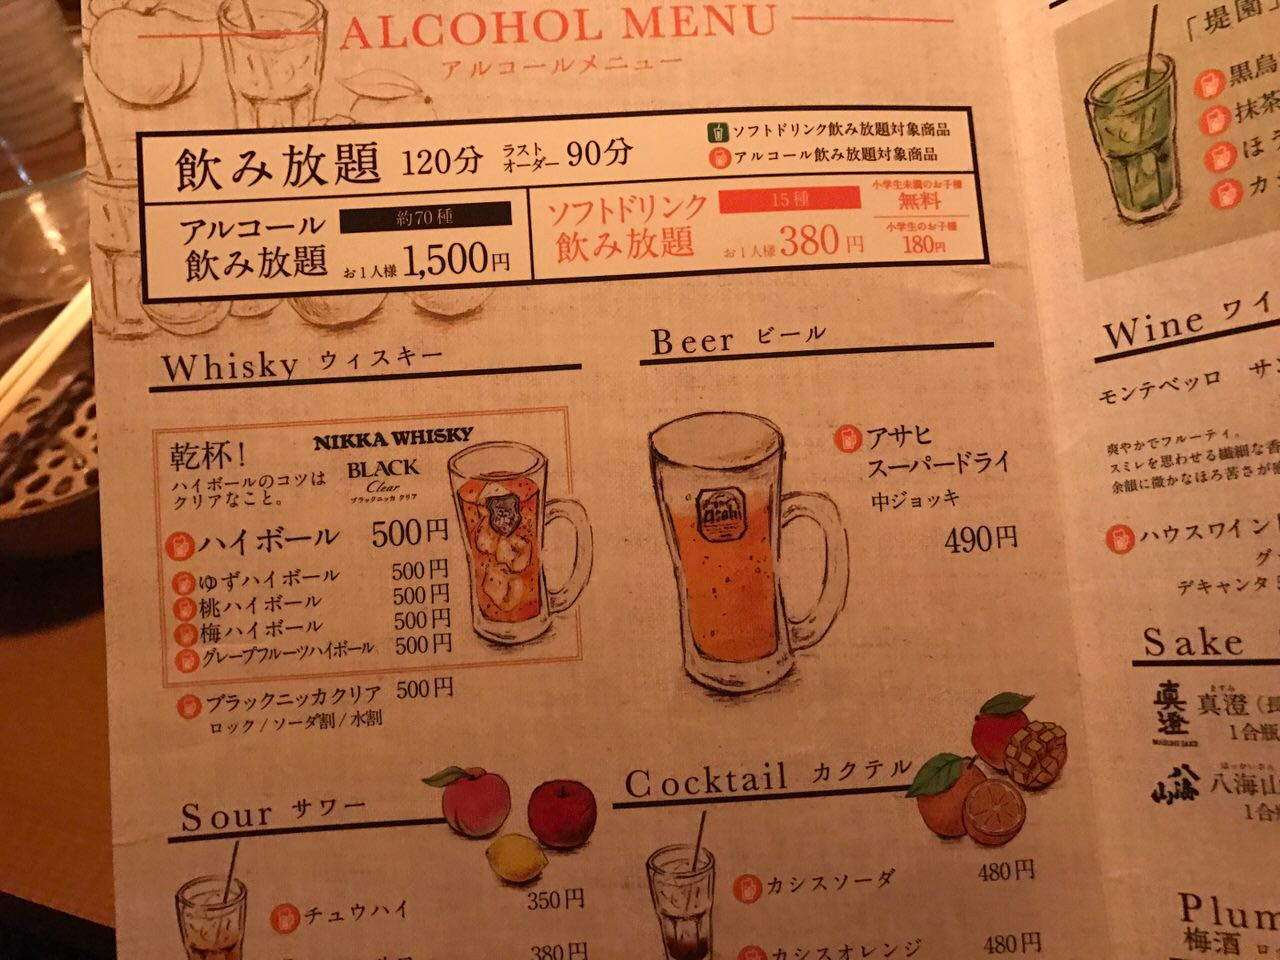 Onyasai shabushabu 4080